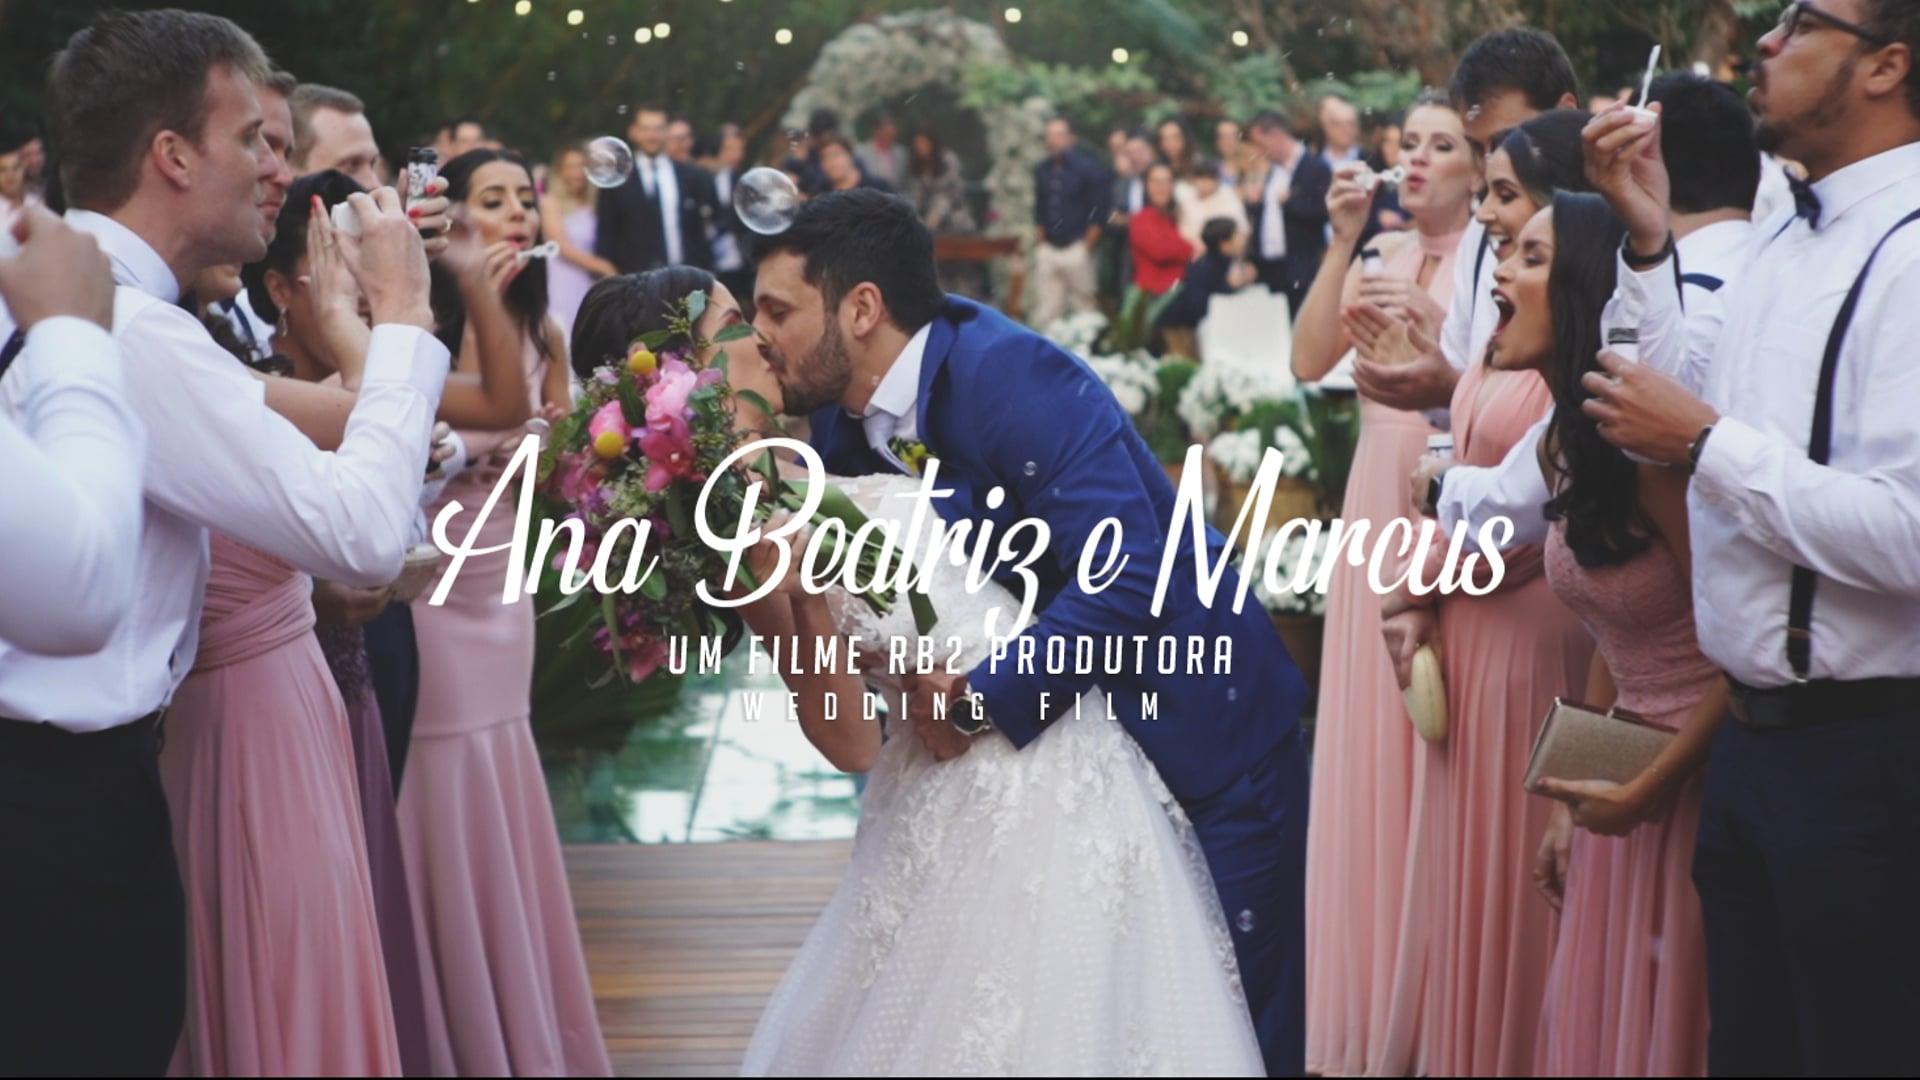 RB2 Produtora - Ana Beatriz e Marcus - Wedding Film